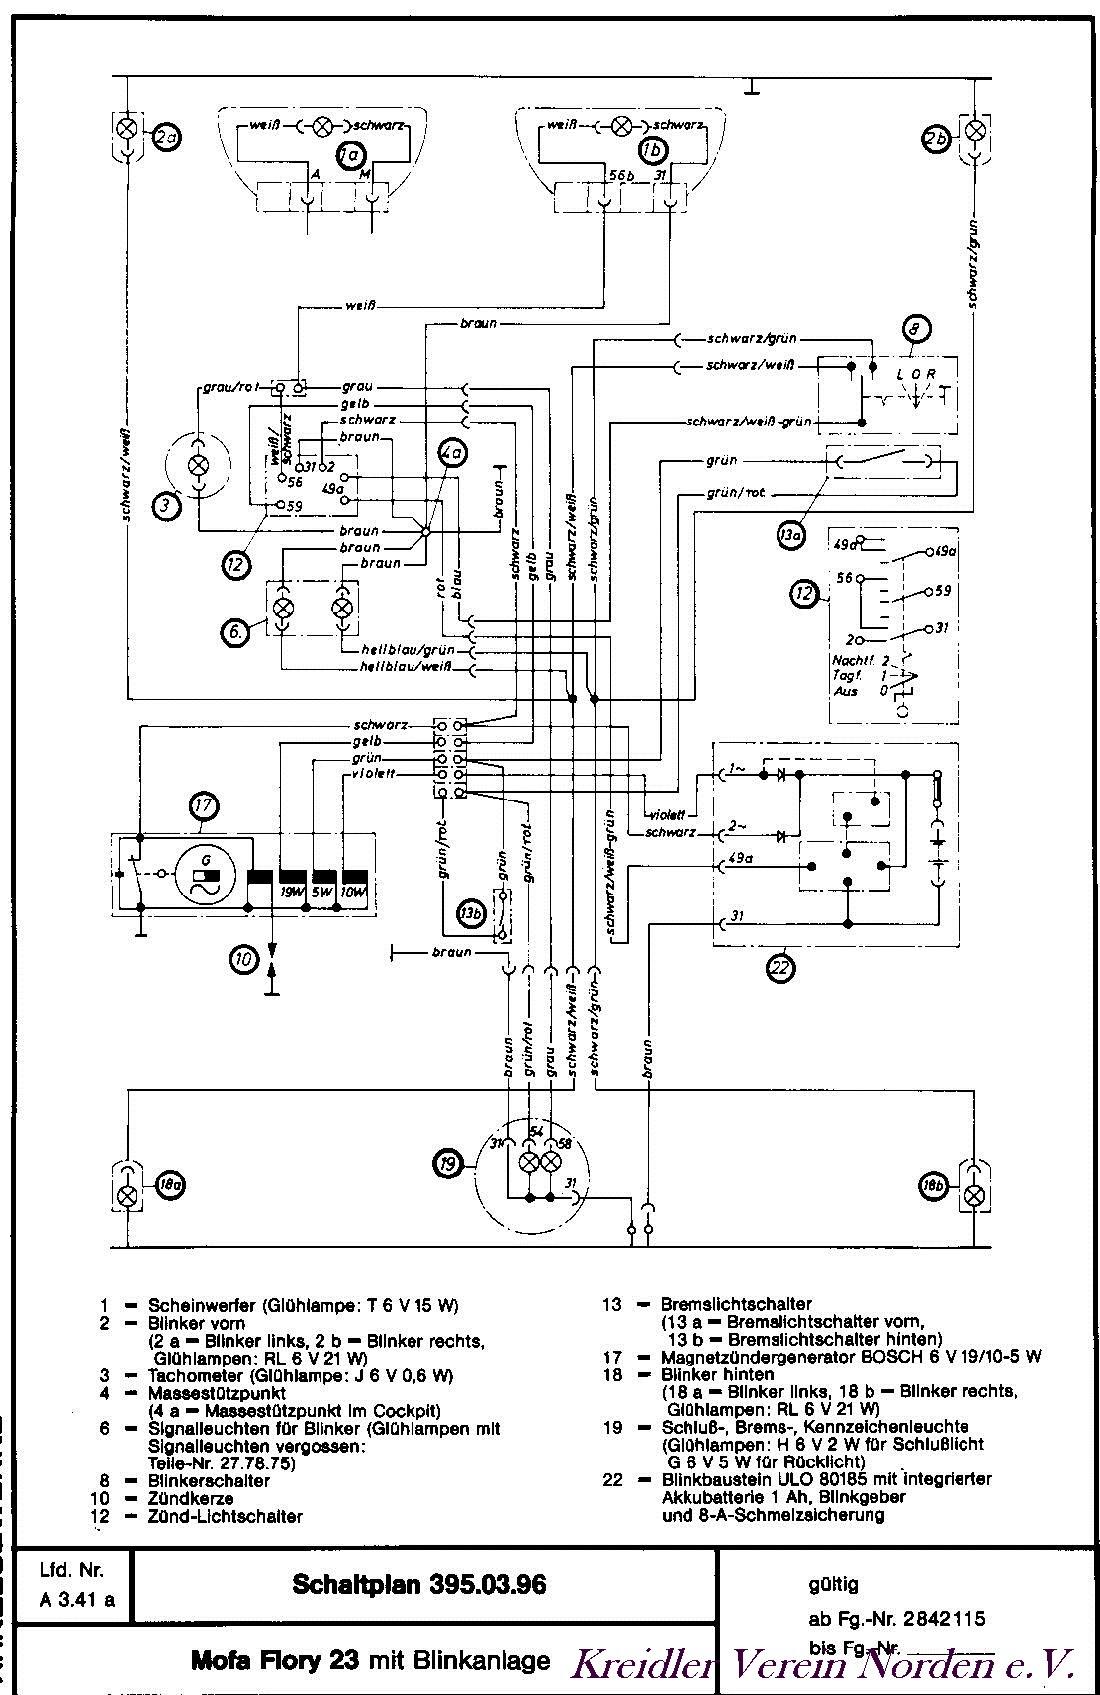 Fantastisch Ford Mustang Schaltplan Fotos - Elektrische Schaltplan ...